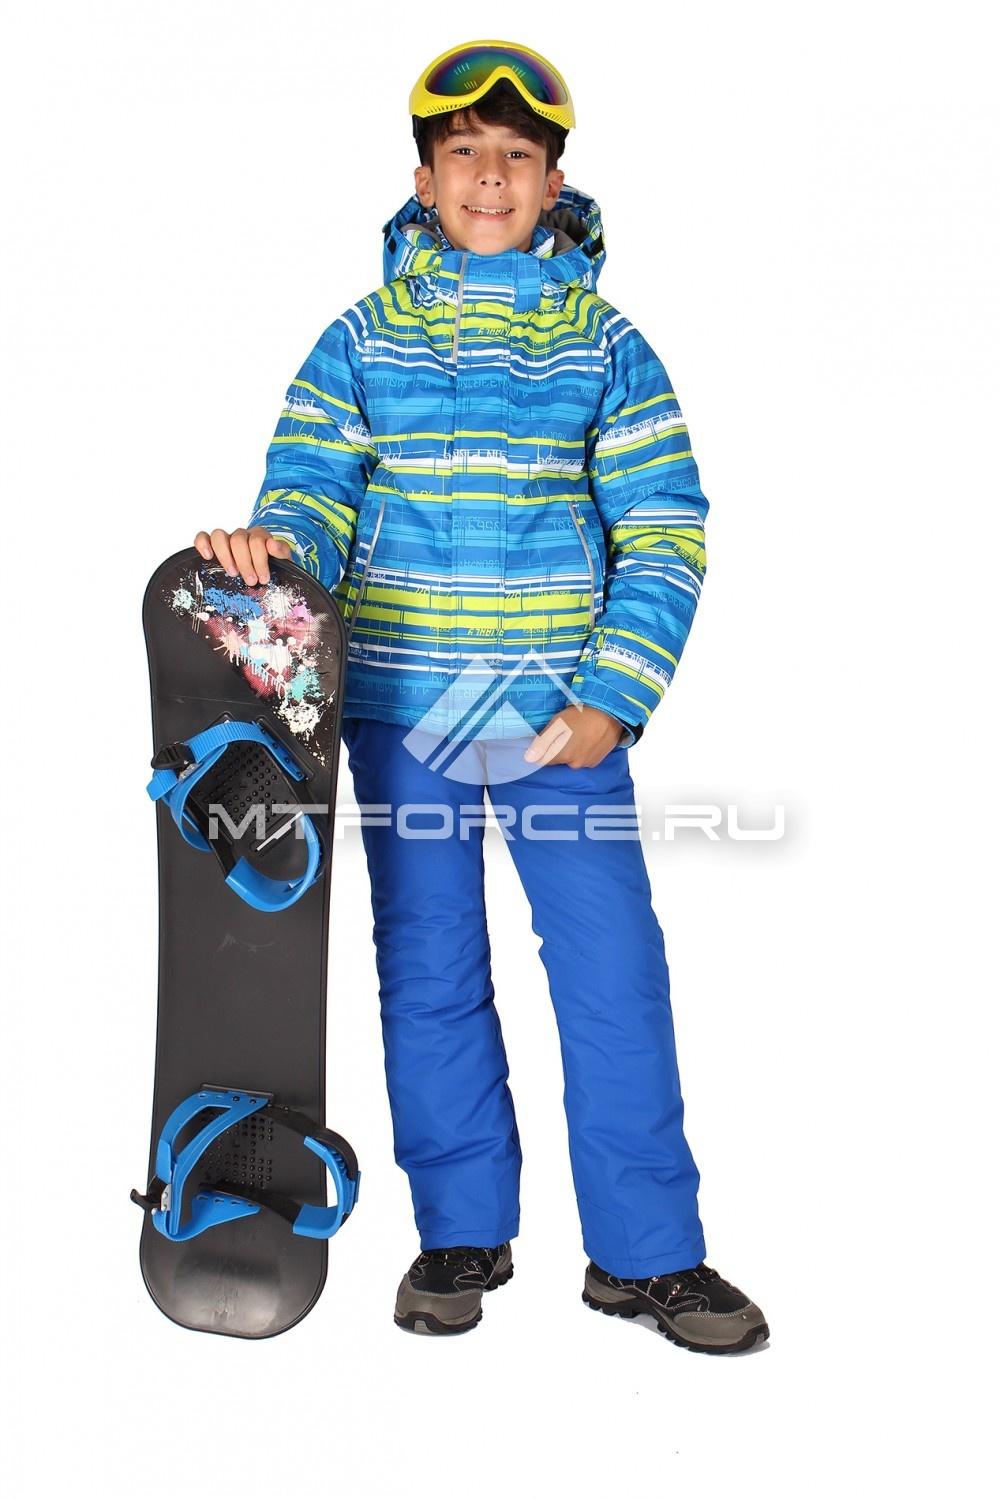 Купить                                  оптом Костюм горнолыжный  для мальчика синего цвета 703S